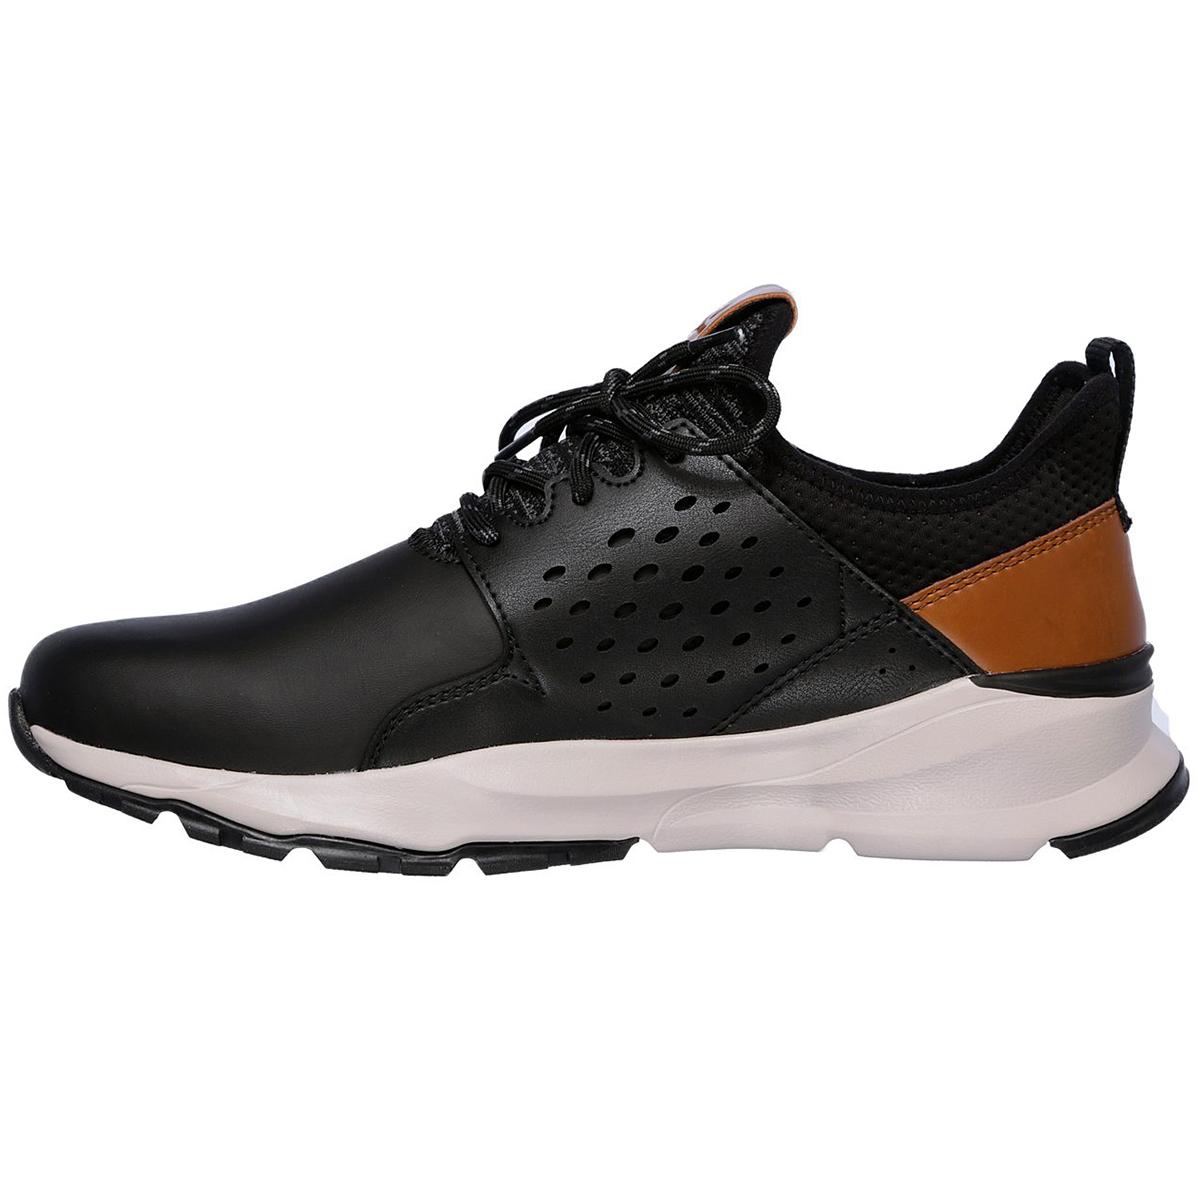 SKECHERS Men's Relven Hemson Sneakers